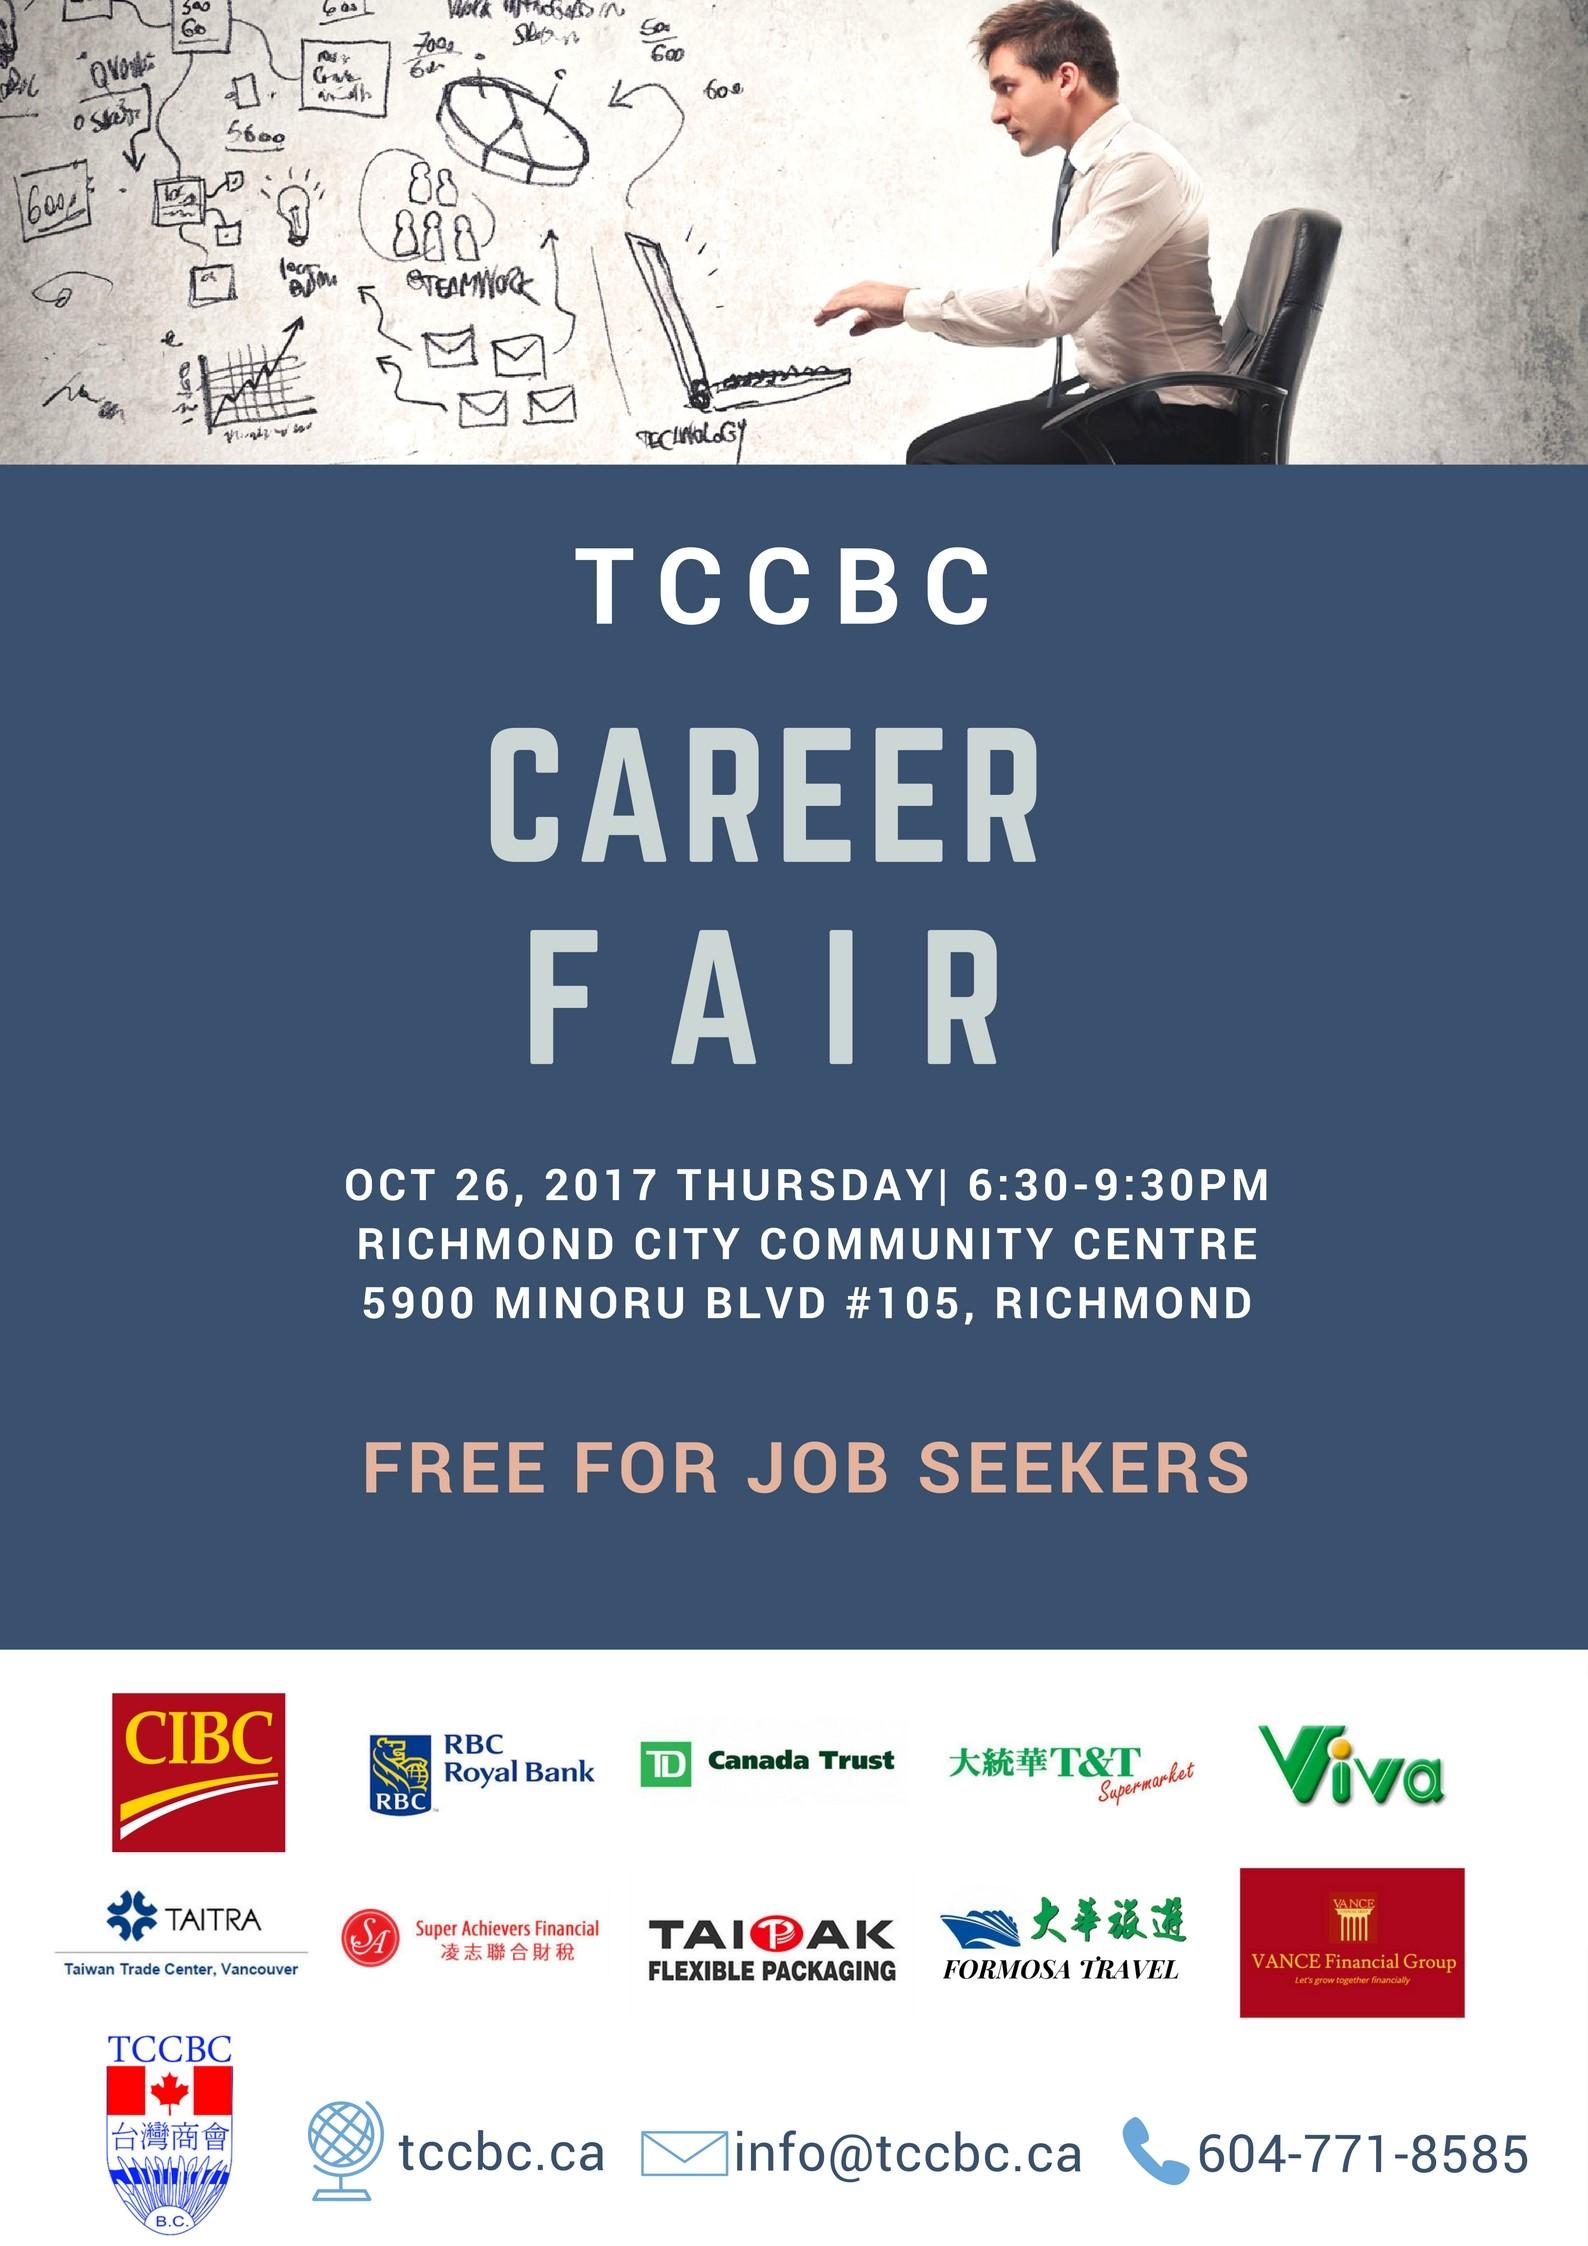 TCCBC Career Fair poster